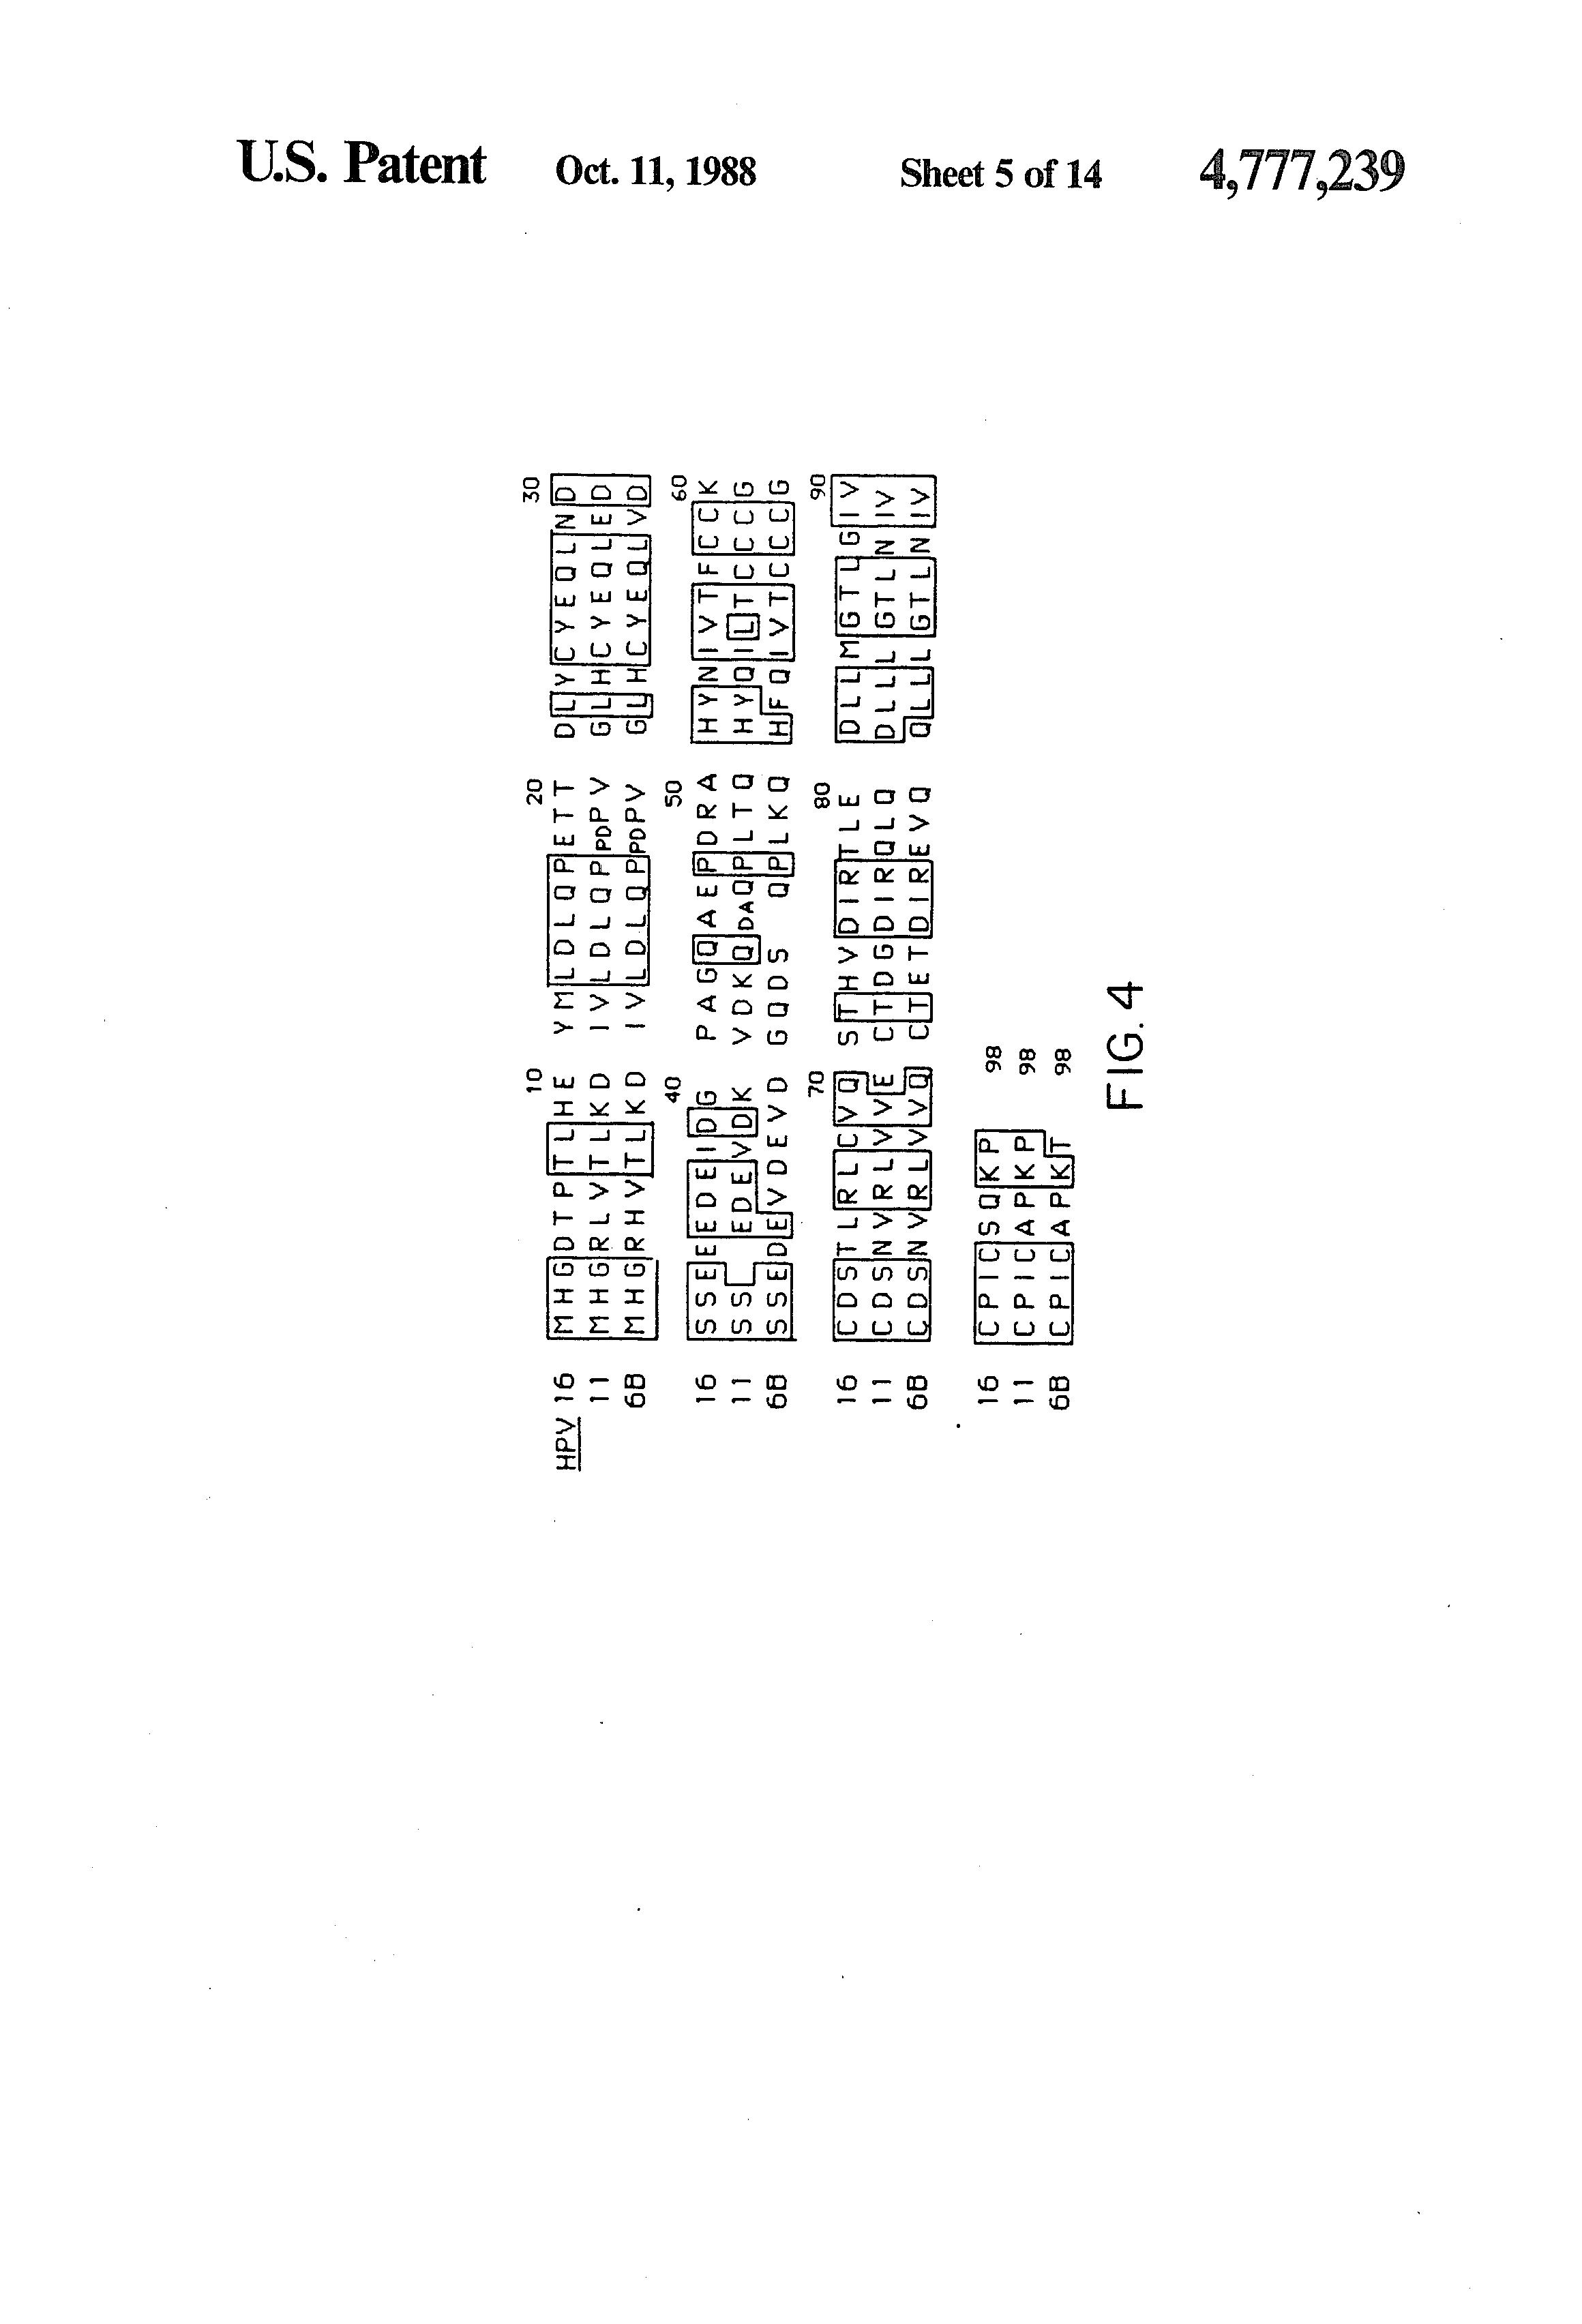 humanen papillomavirus (hpv 16 und 18)